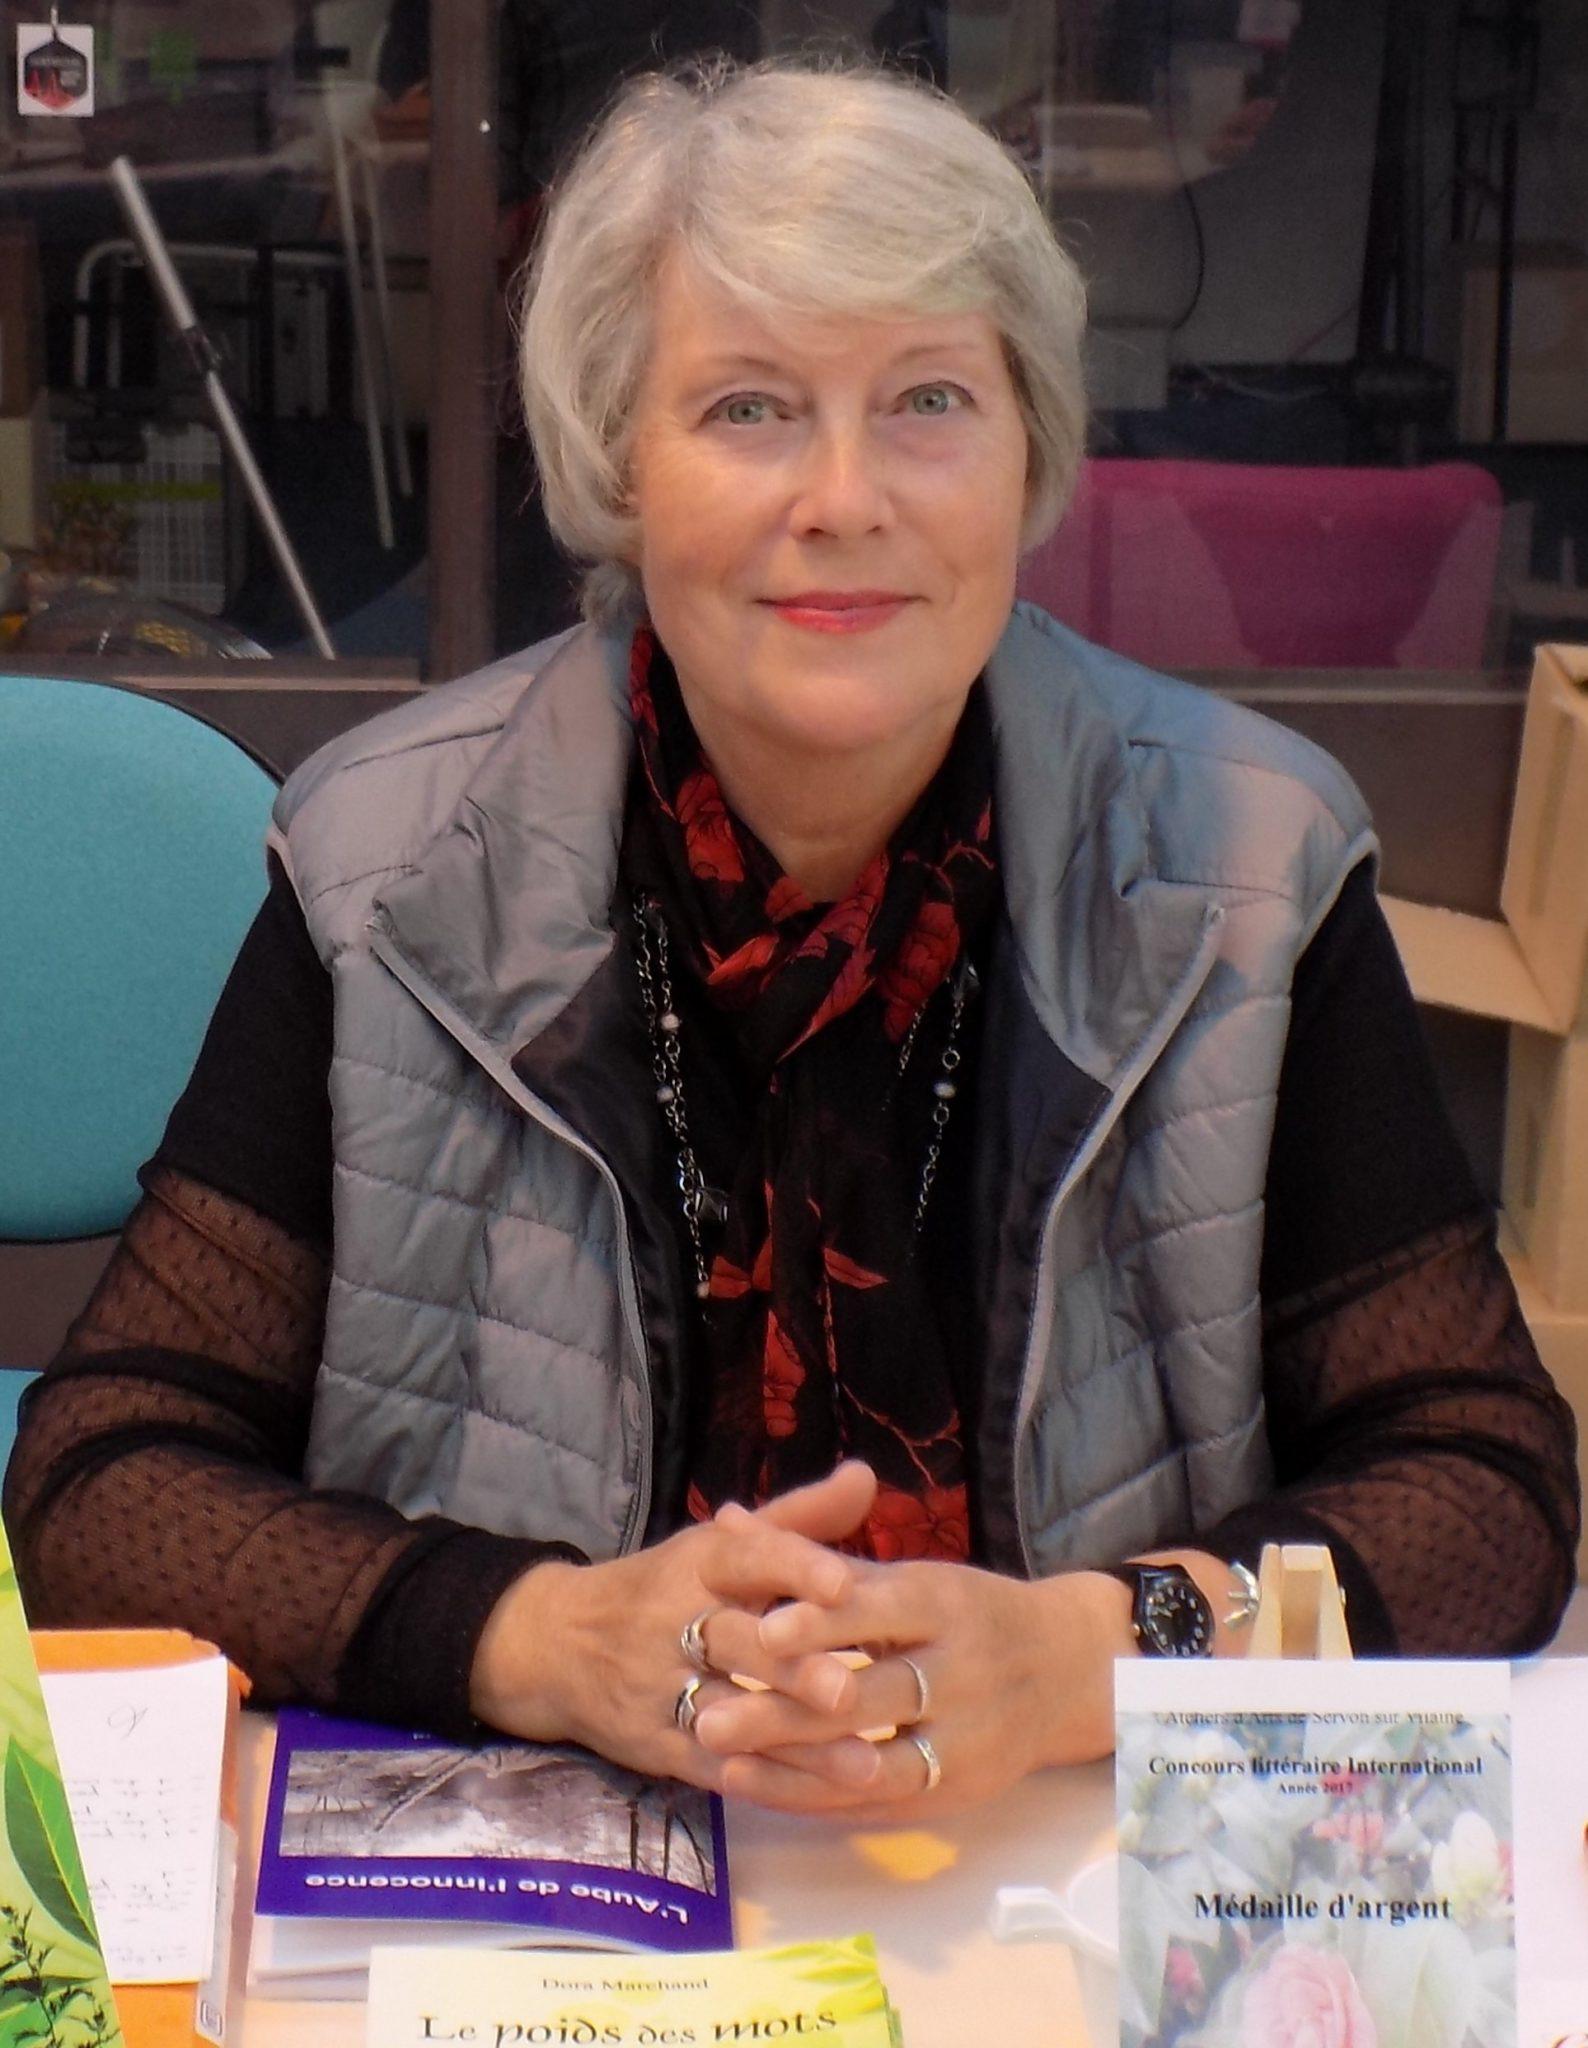 Dora Marchand